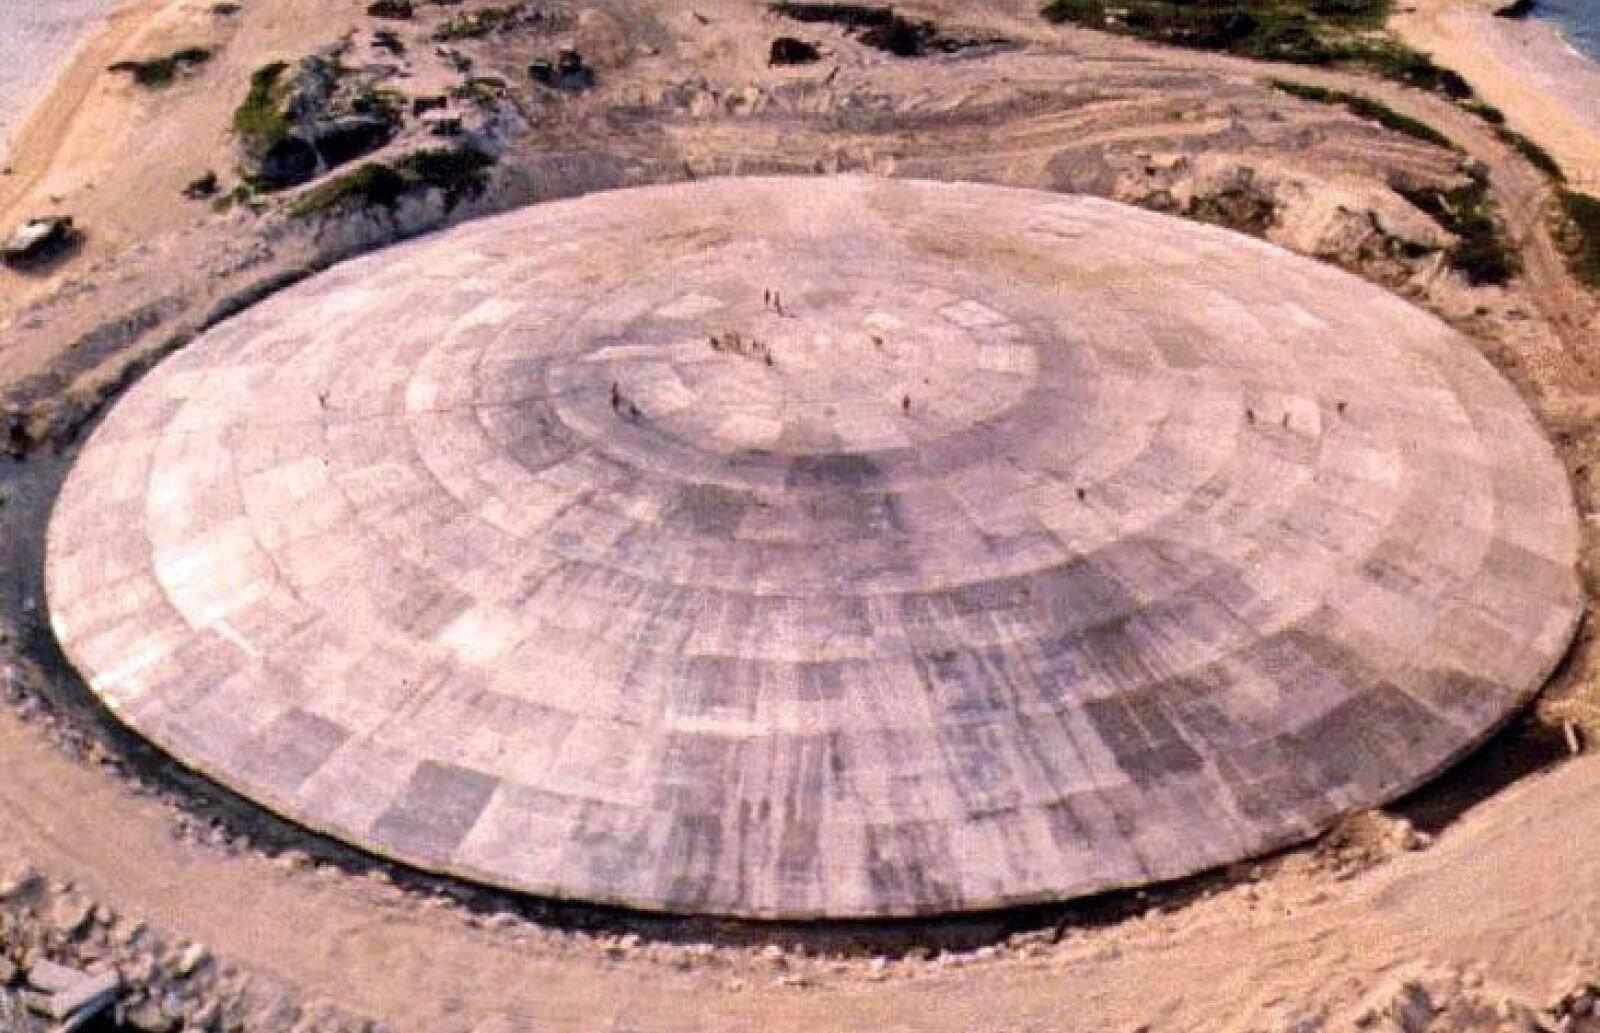 太平洋の島にある「核の棺」老朽化。国連事務総長、放射性物質流出の可能性を警告